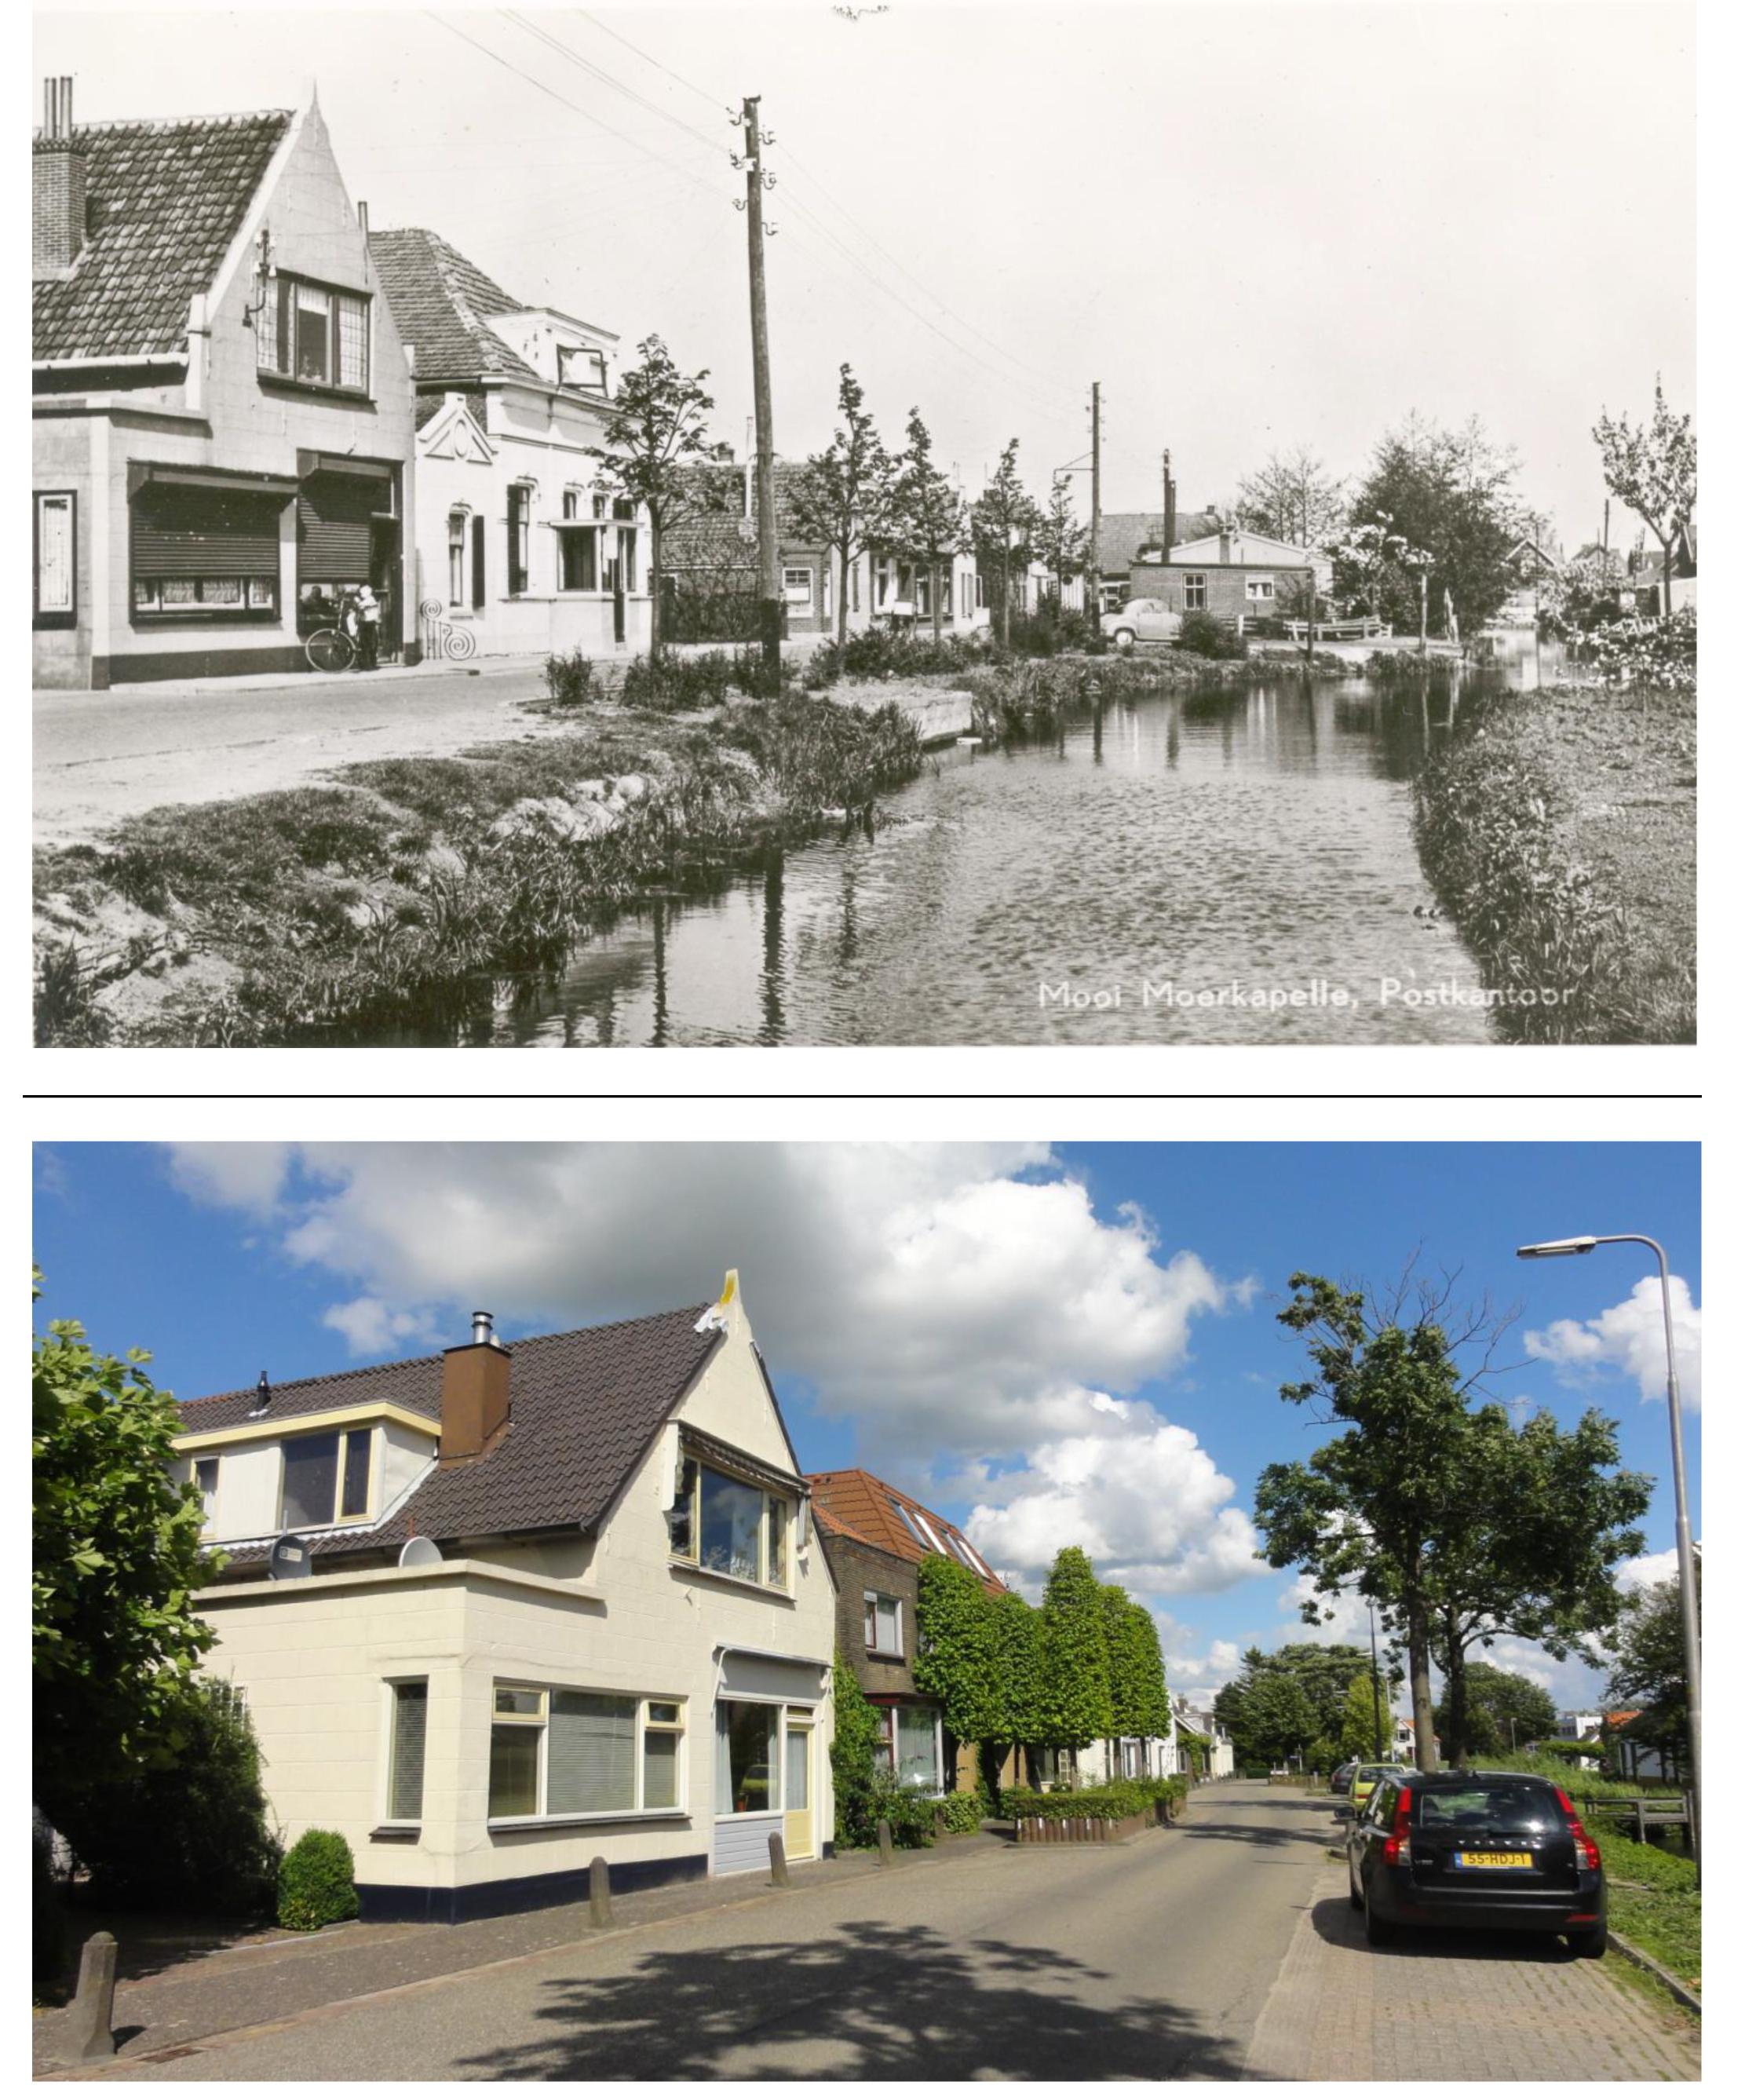 MK-Moerdijkstraat